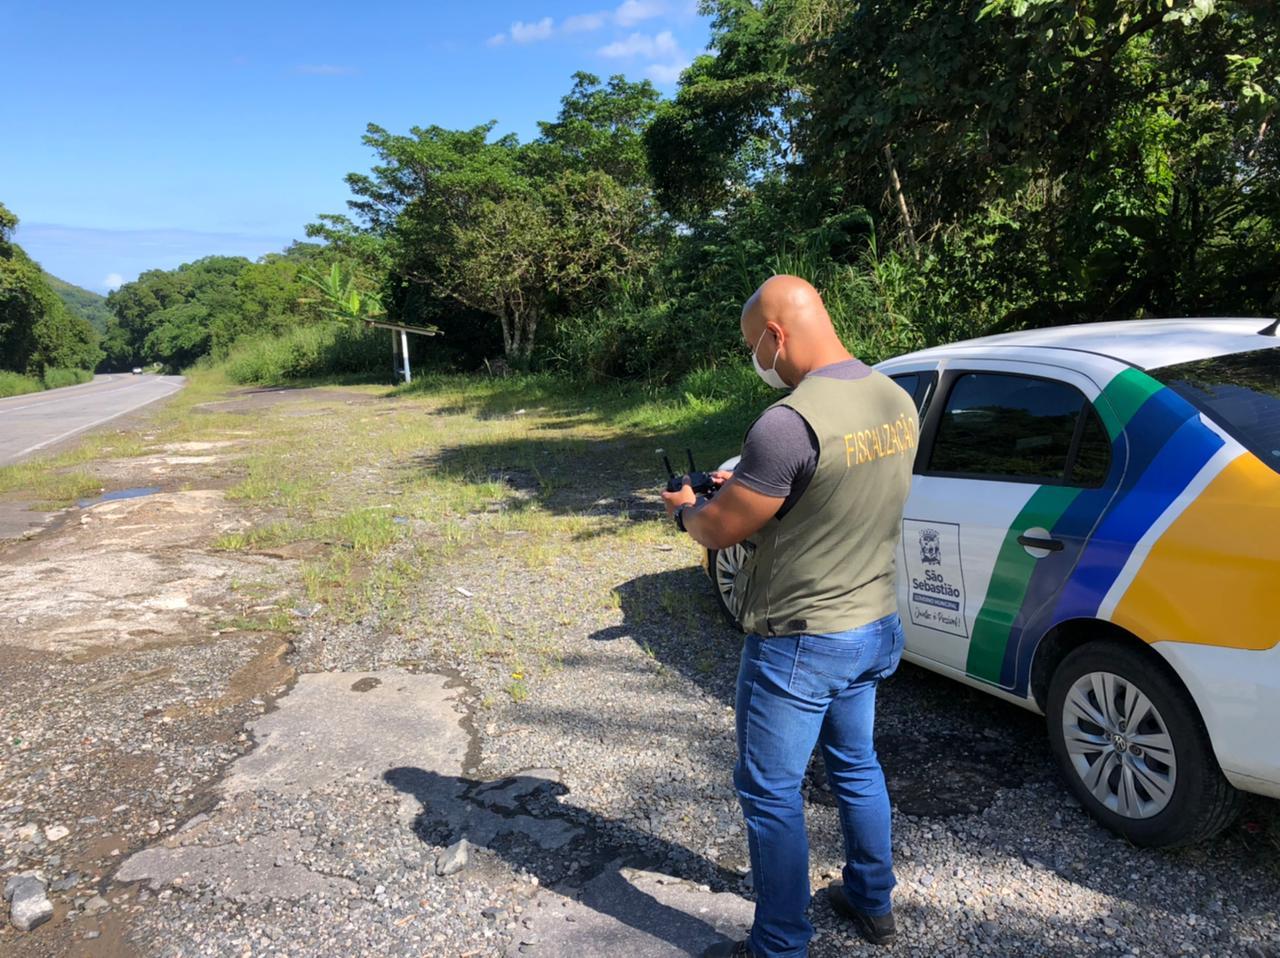 Prefeitura de São Sebastião intensifica fiscalizações em áreas de preservação